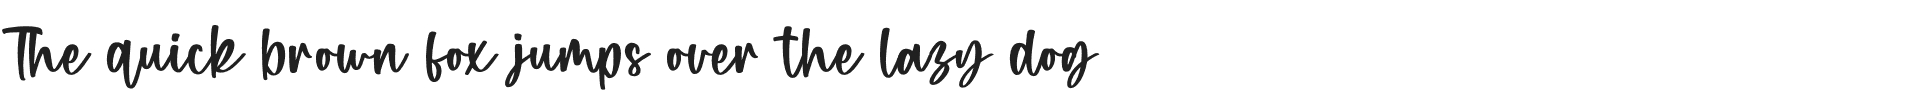 Monday Cookies - A Handwritten Script Font